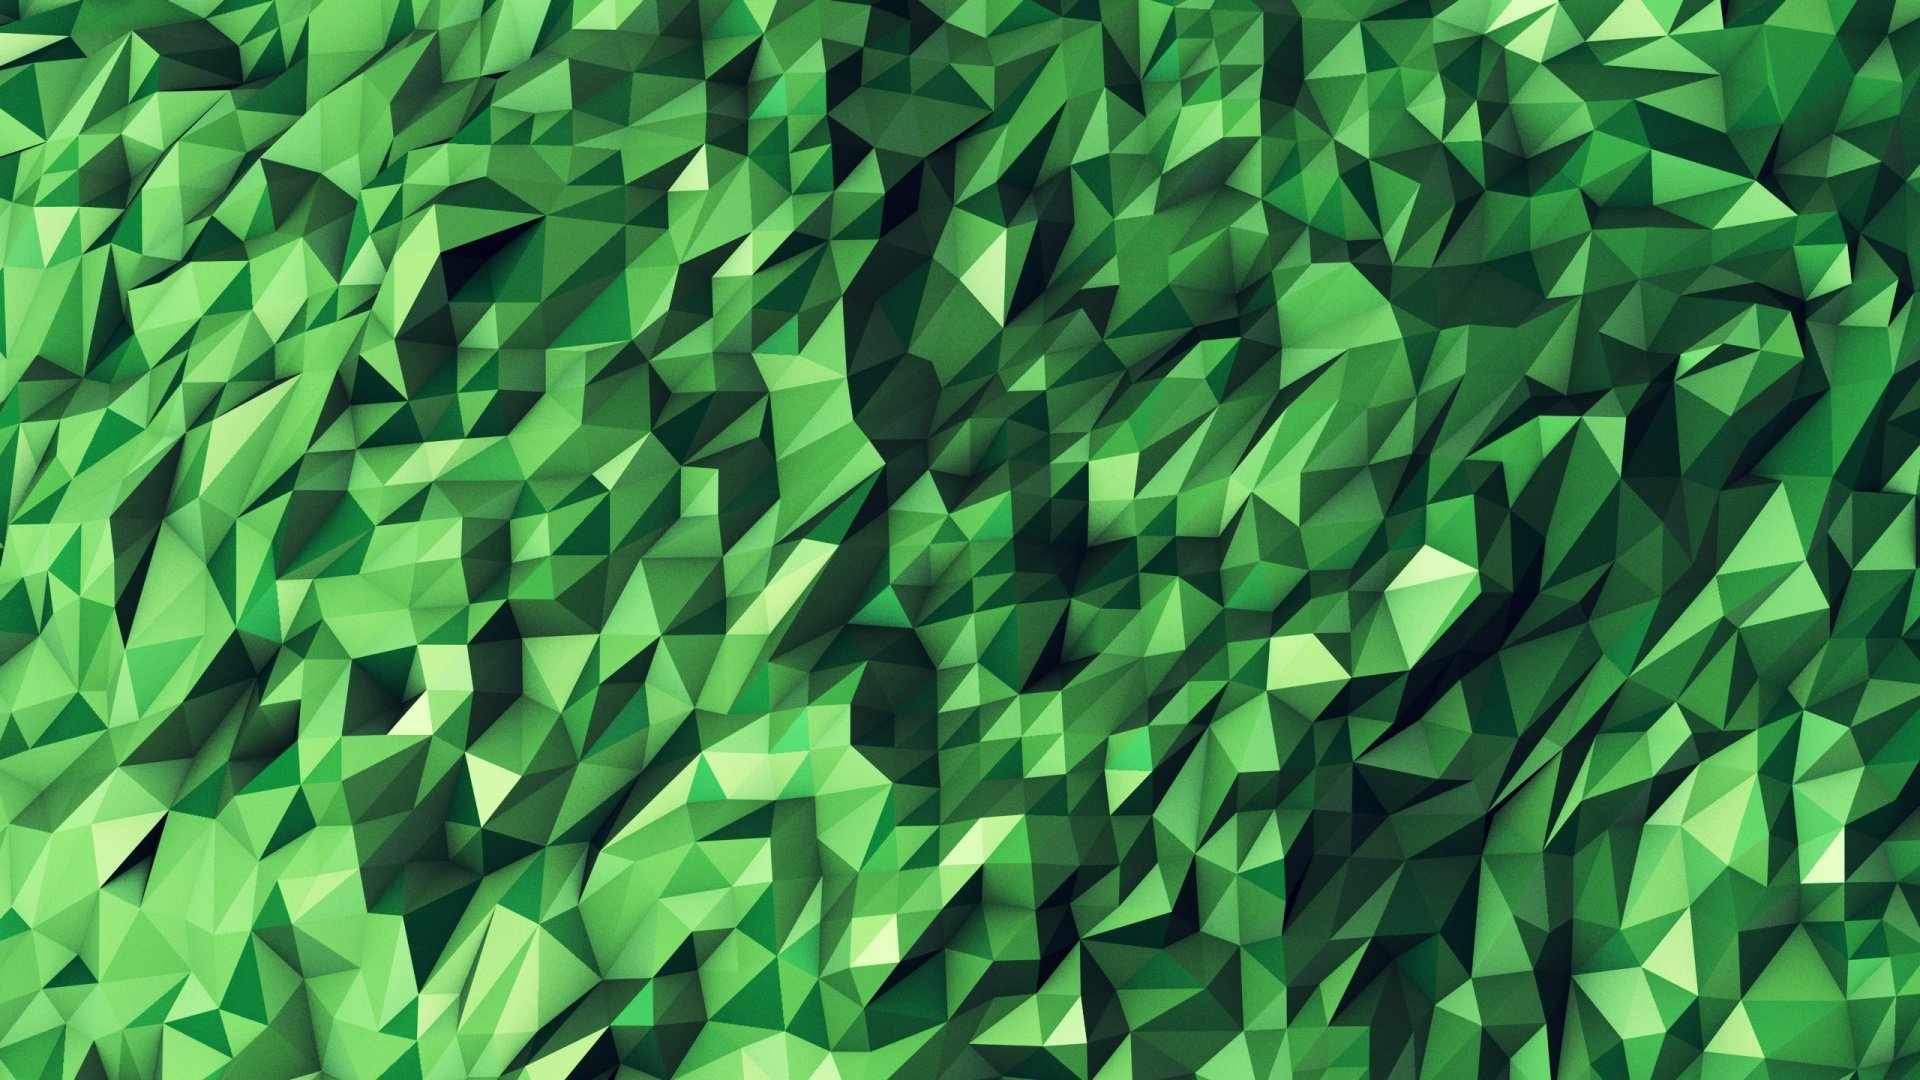 Green Geometric Wallpaper Wallpapersafari